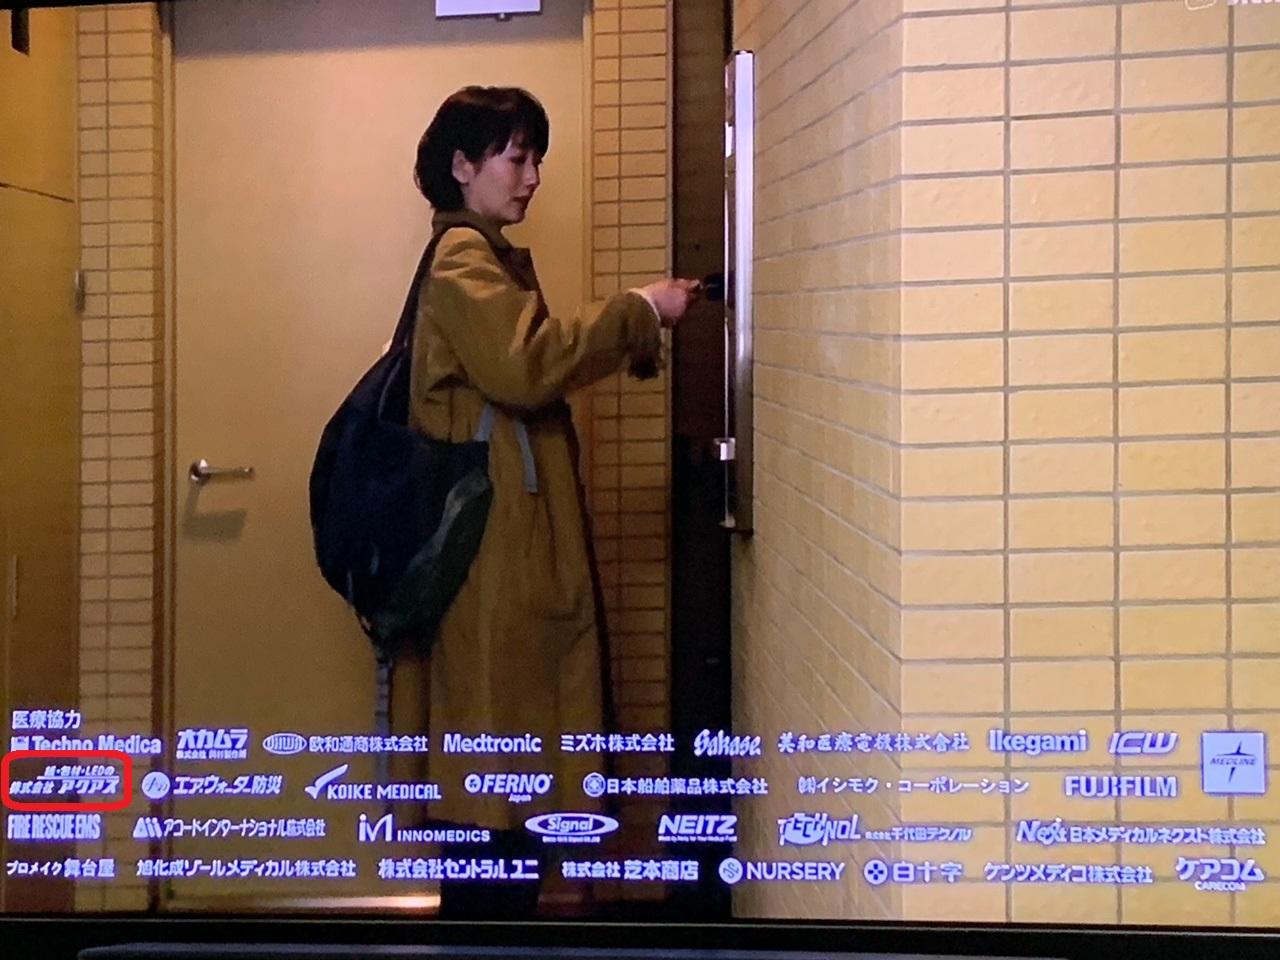 フジテレビ月9ドラマ「ナイトドクター」にてICWモニターアームが使用されています。アクアスも美術協力としてクレジットされています。 是非ご覧ください!